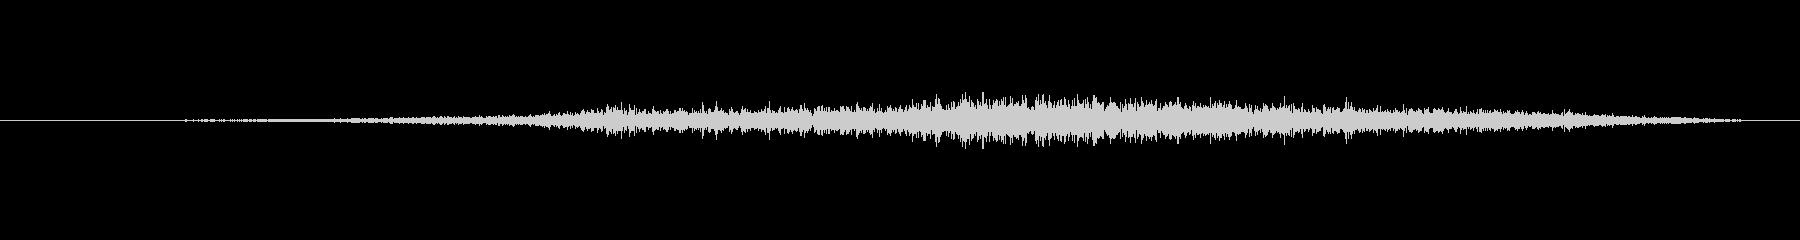 爬虫類 シューという音02の未再生の波形